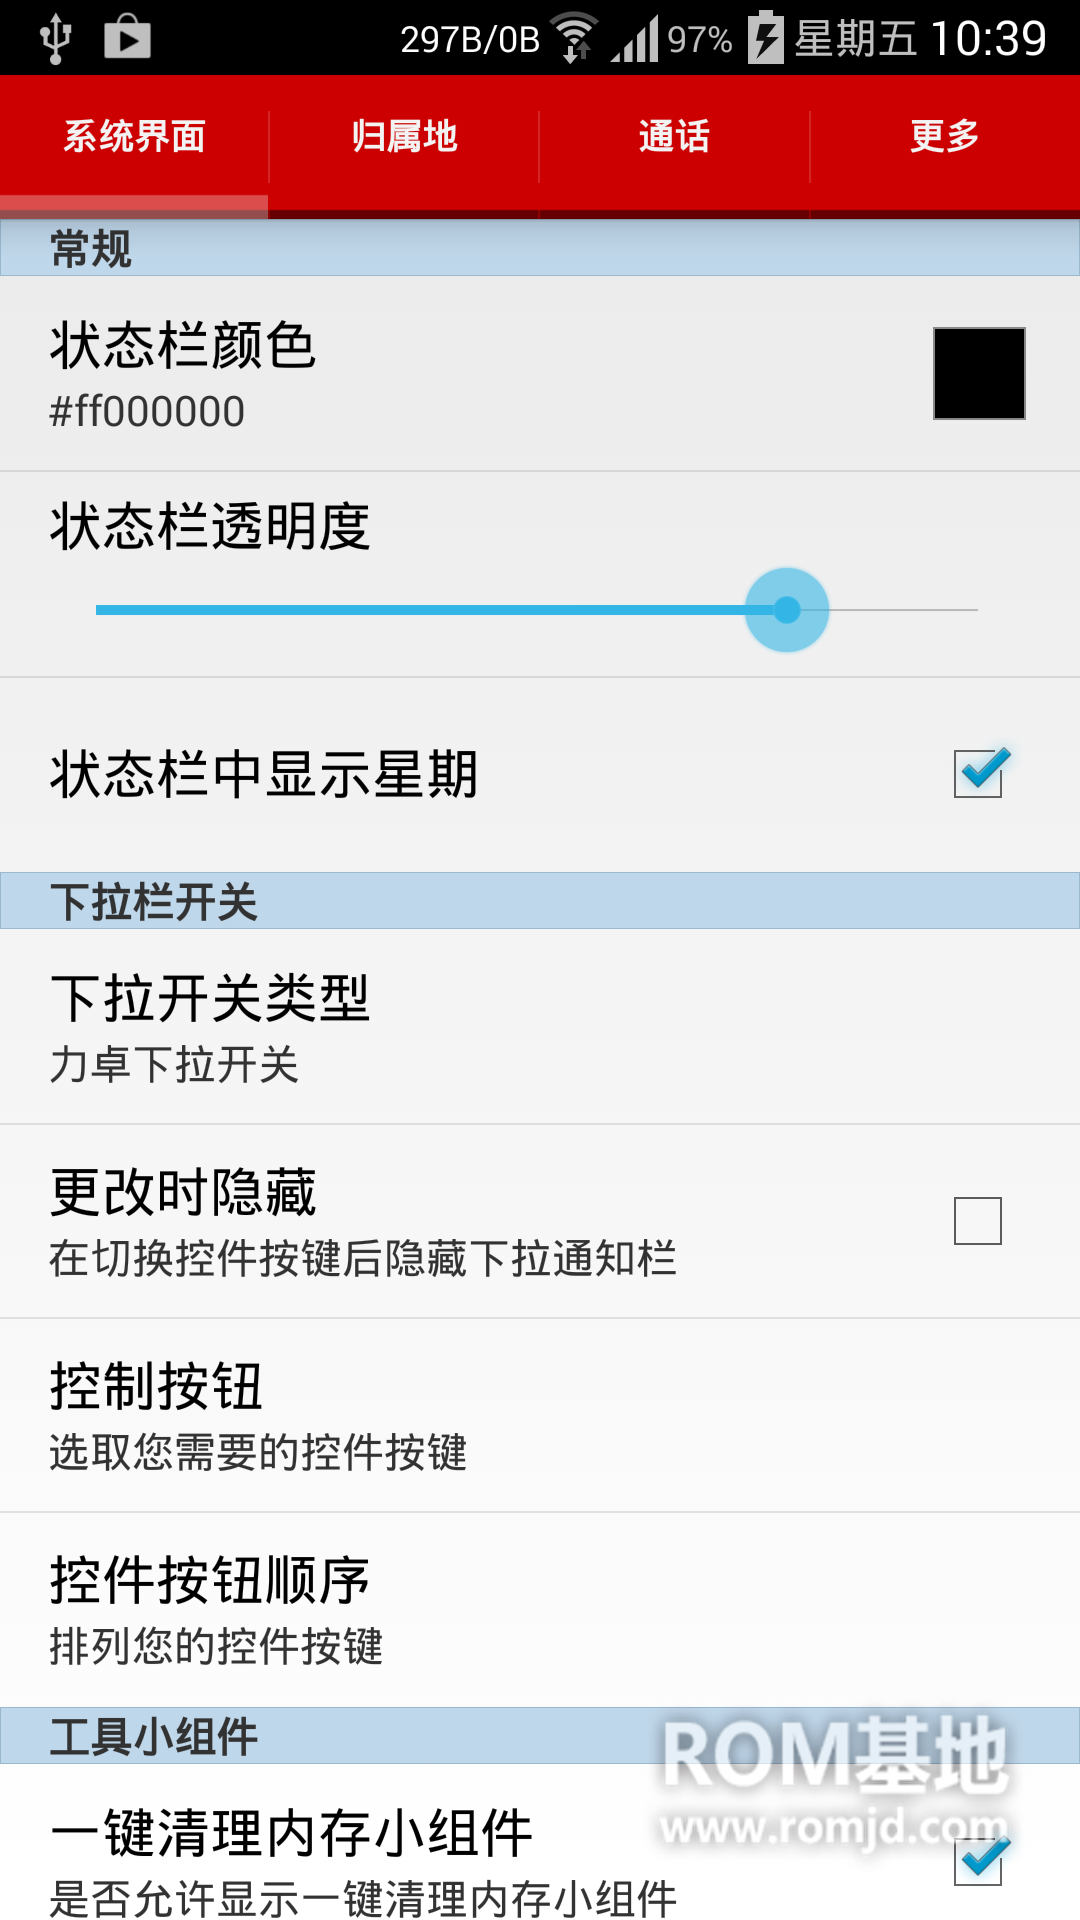 三星 N9006(Note3) 刷机包 Lidroid N9005/6/8 4.4.2 v2.2/完ROM刷机包截图